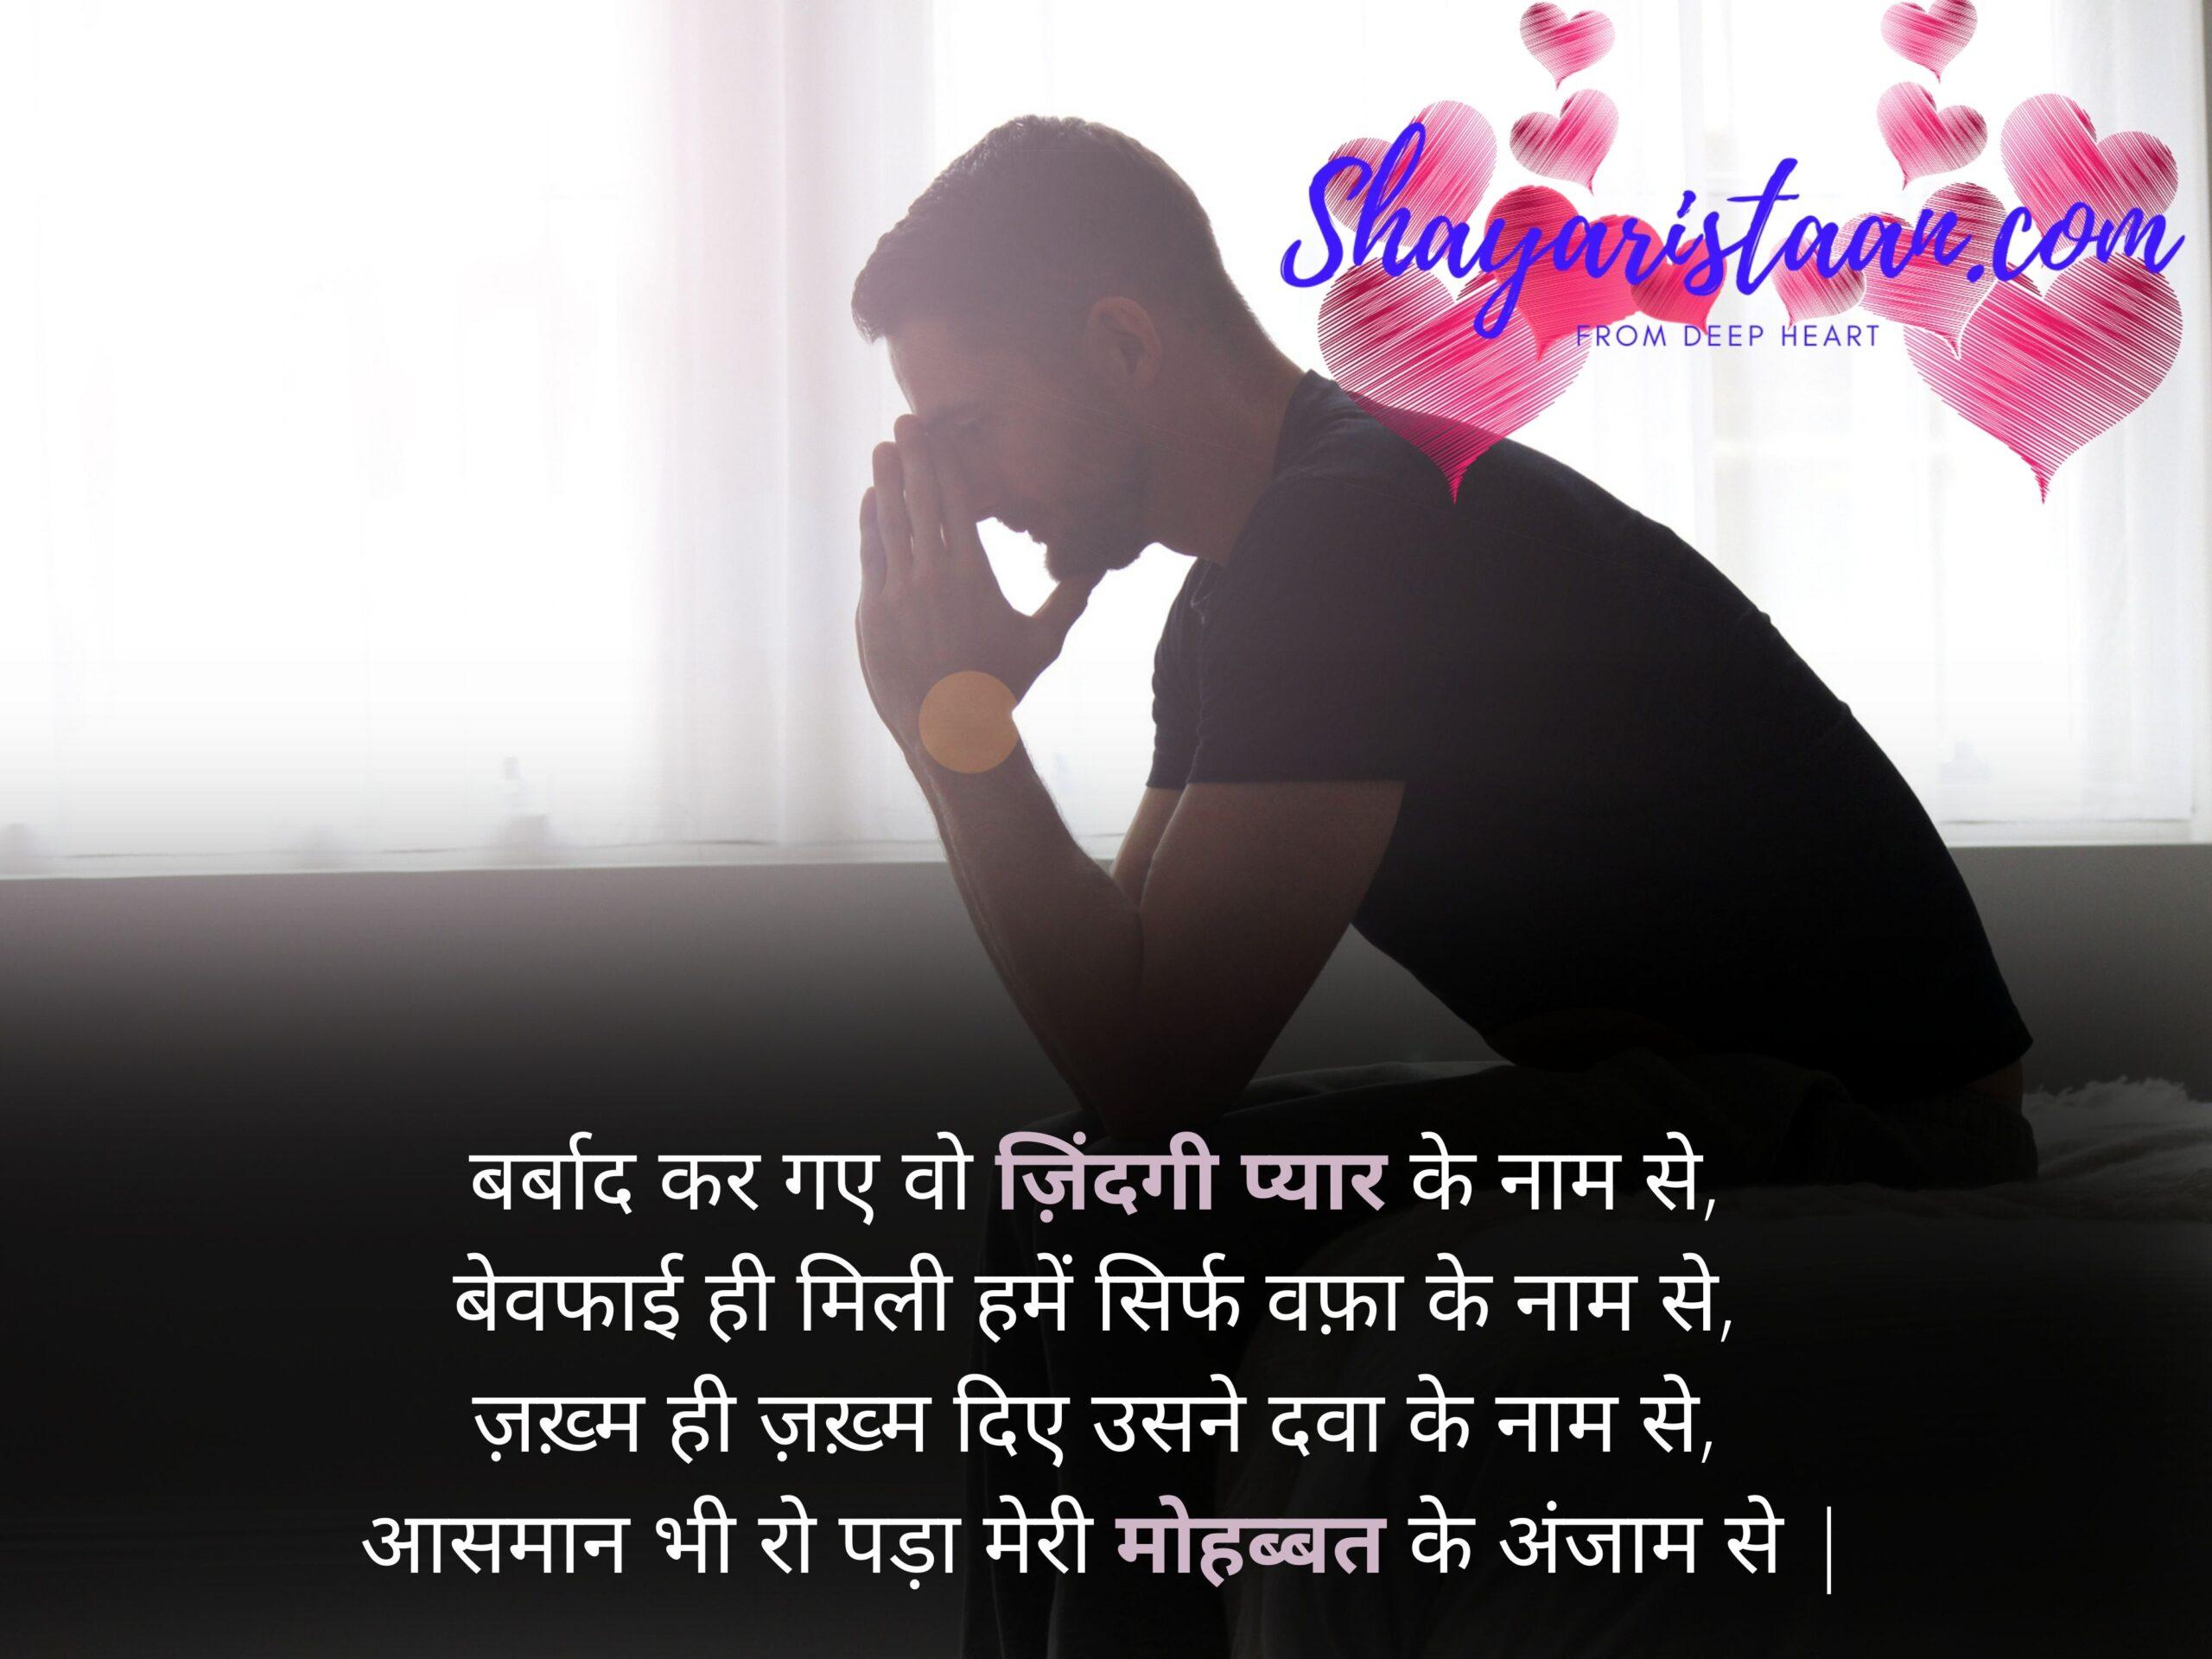 bewafa sad shayari in hindi  | बर्बाद कर गए वो ज़िंदगी प्यार के नाम से,  बेवफाई ही मिली हमें सिर्फ वफ़ा के नाम से,  ज़ख़्म ही ज़ख़्म दिए उसने दवा के नाम से,  आसमान भी रो पड़ा मेरी मोहब्बत के अंजाम से |